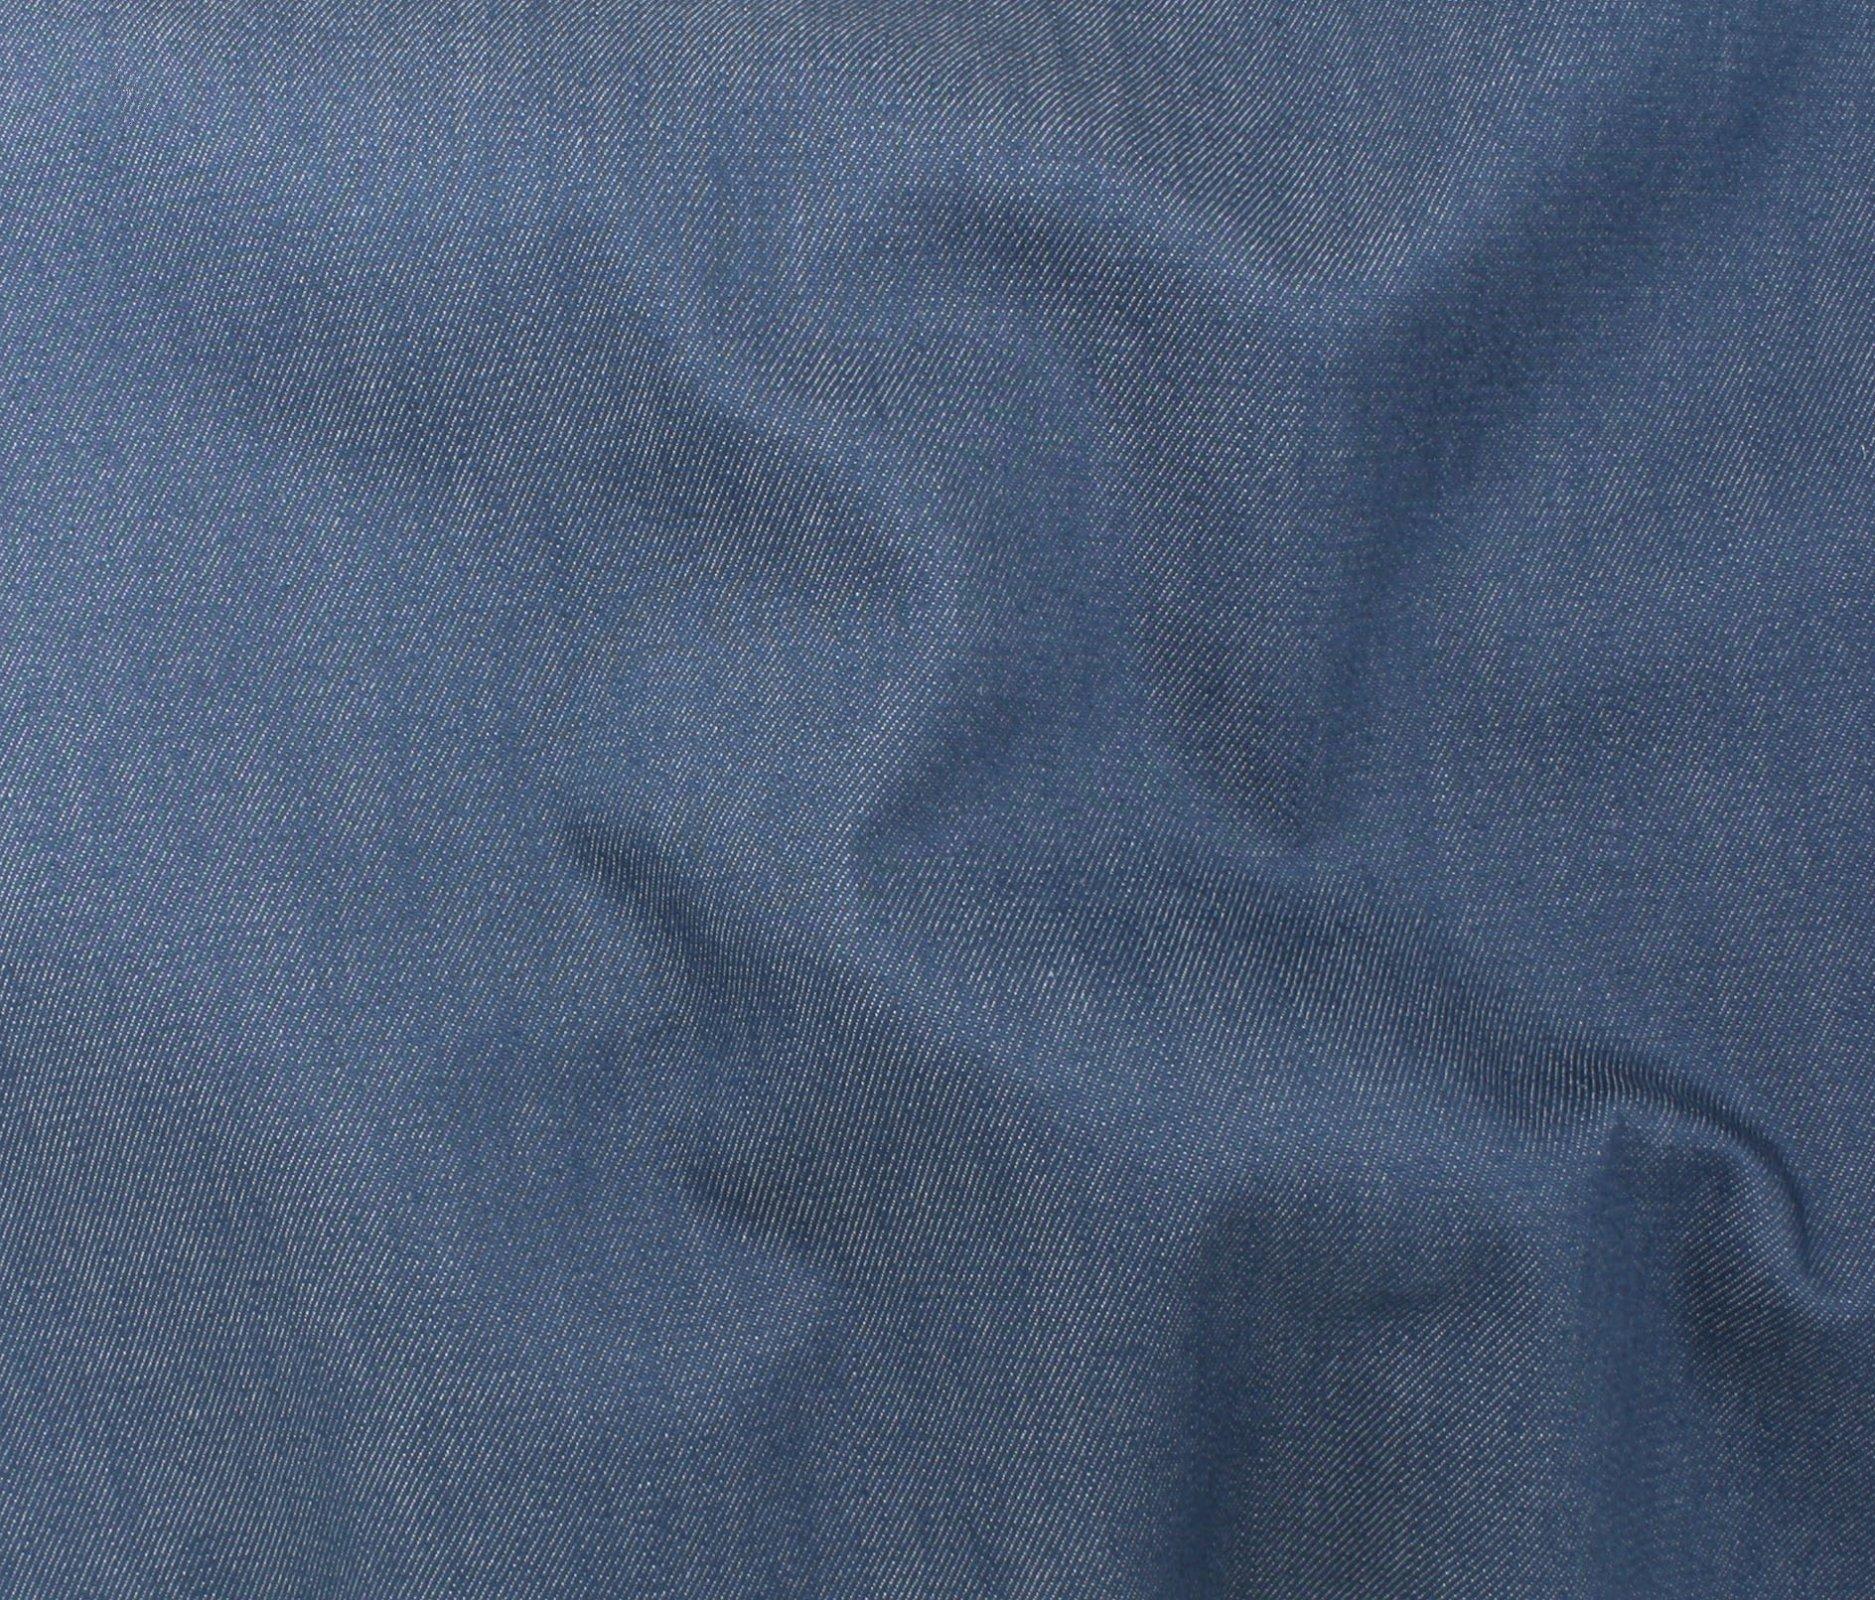 Telio Fabrics Repreve Denim 40320